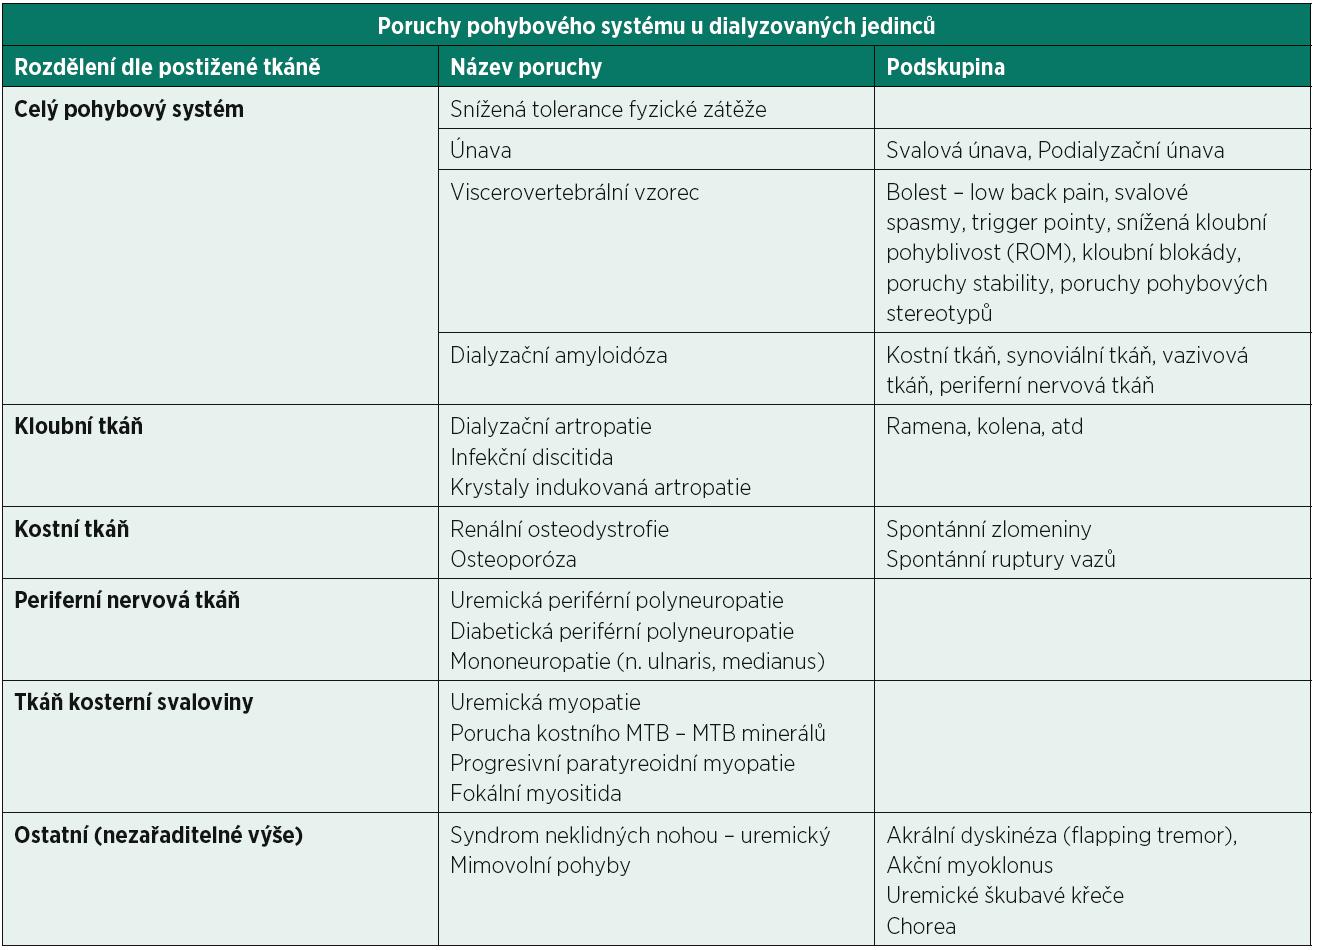 Přehled poruch pohybového systému u dialyzovaných jedinců (53).